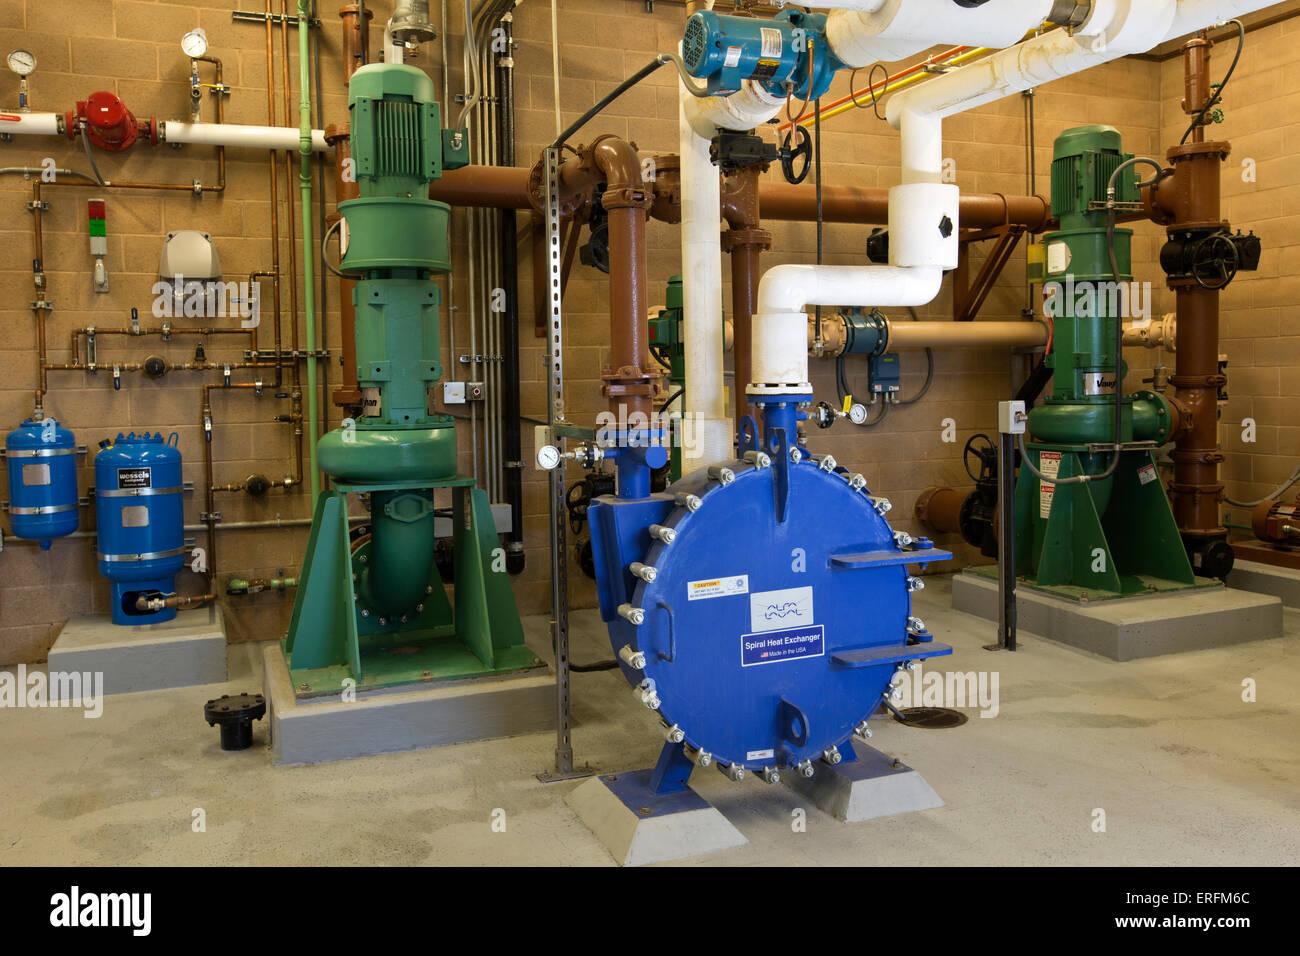 Mixing Pump Stock Photos & Mixing Pump Stock Images - Alamy